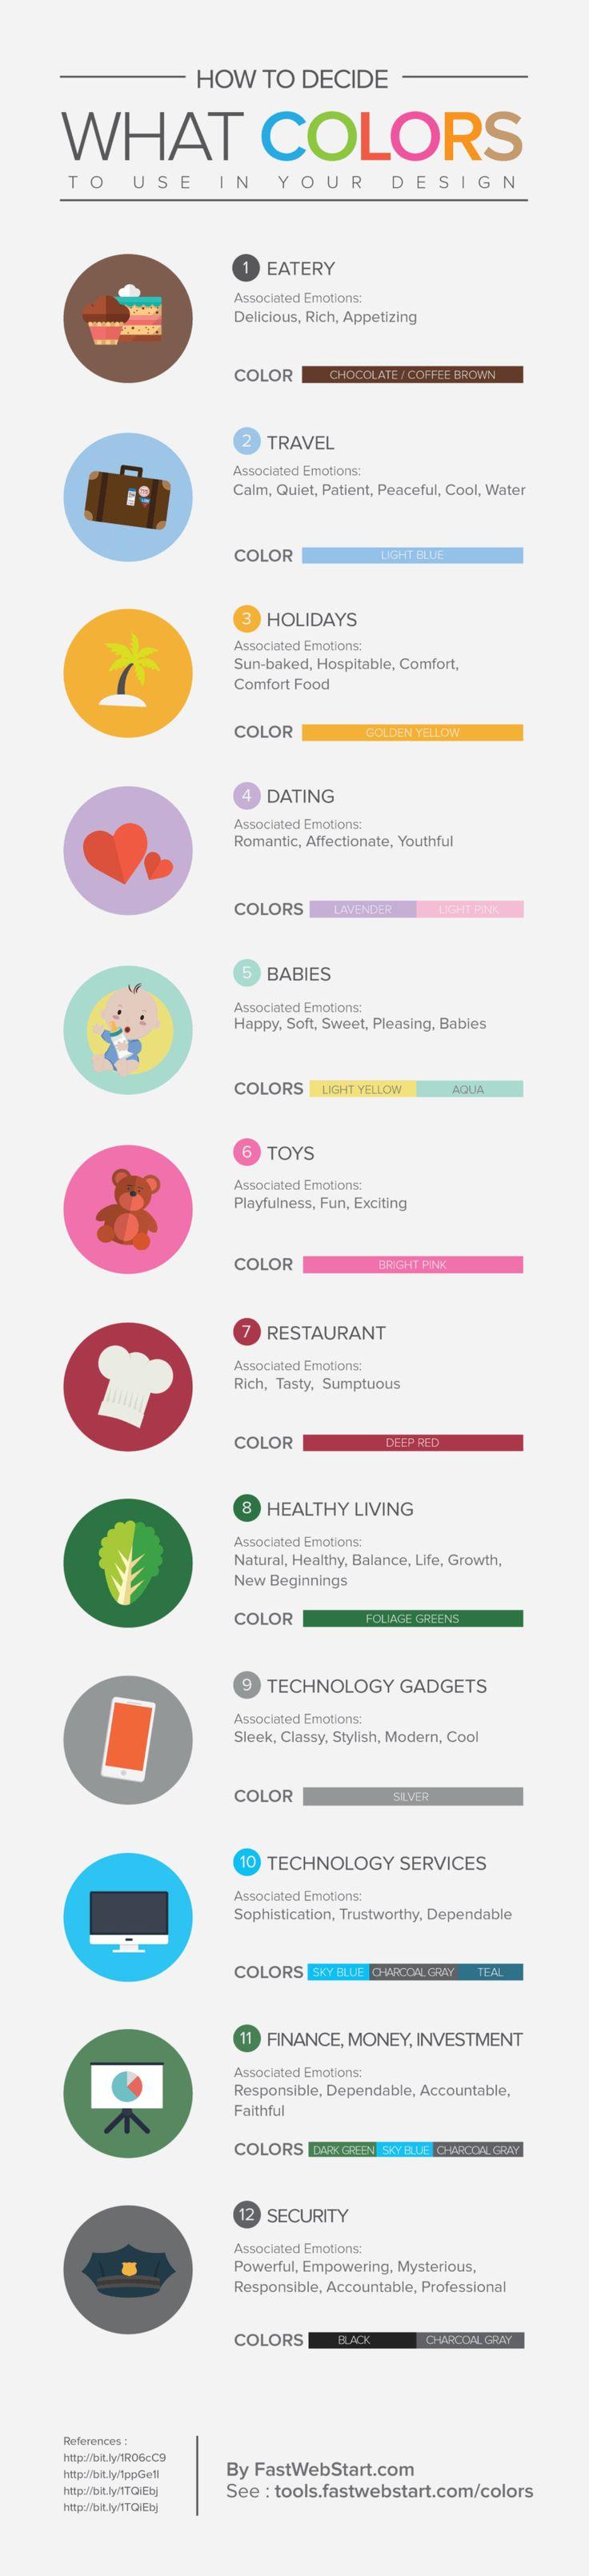 A cor pode influenciar as nossas percepções e a forma como vemos o mundo. O estudo dos efeitos da cor no comportamento das pessoas é chamado de Psicologia das Cores. Já falamos sobre isso aqui, aqui e aqui. Por isso, é importante escolher as co...